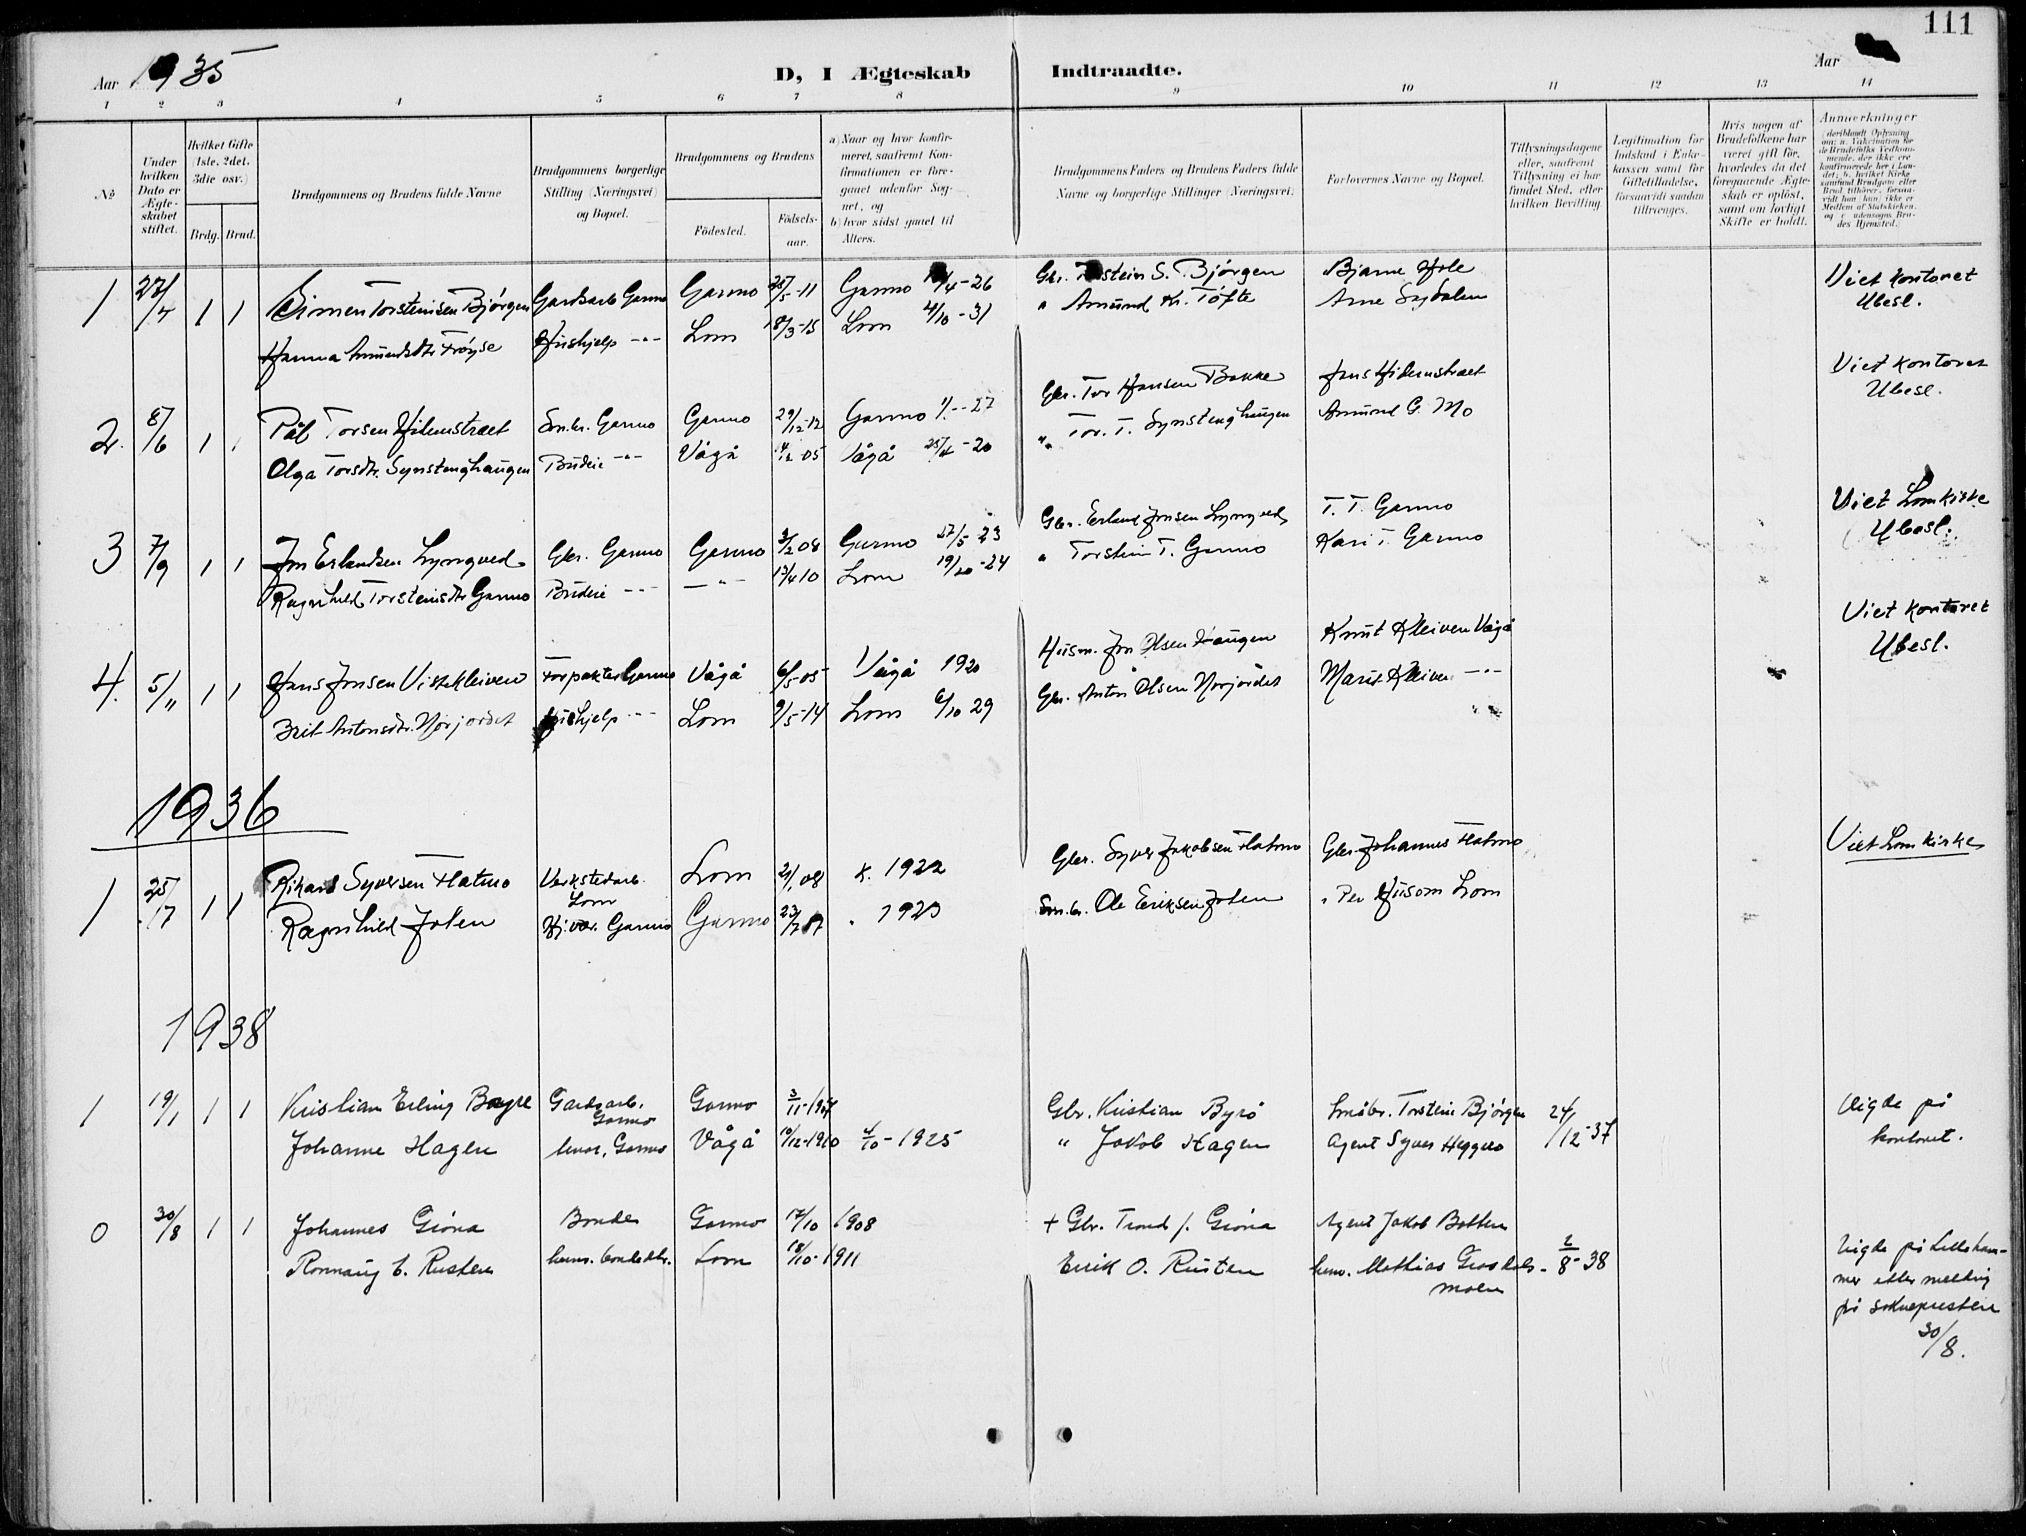 SAH, Lom prestekontor, L/L0006: Klokkerbok nr. 6, 1901-1939, s. 111